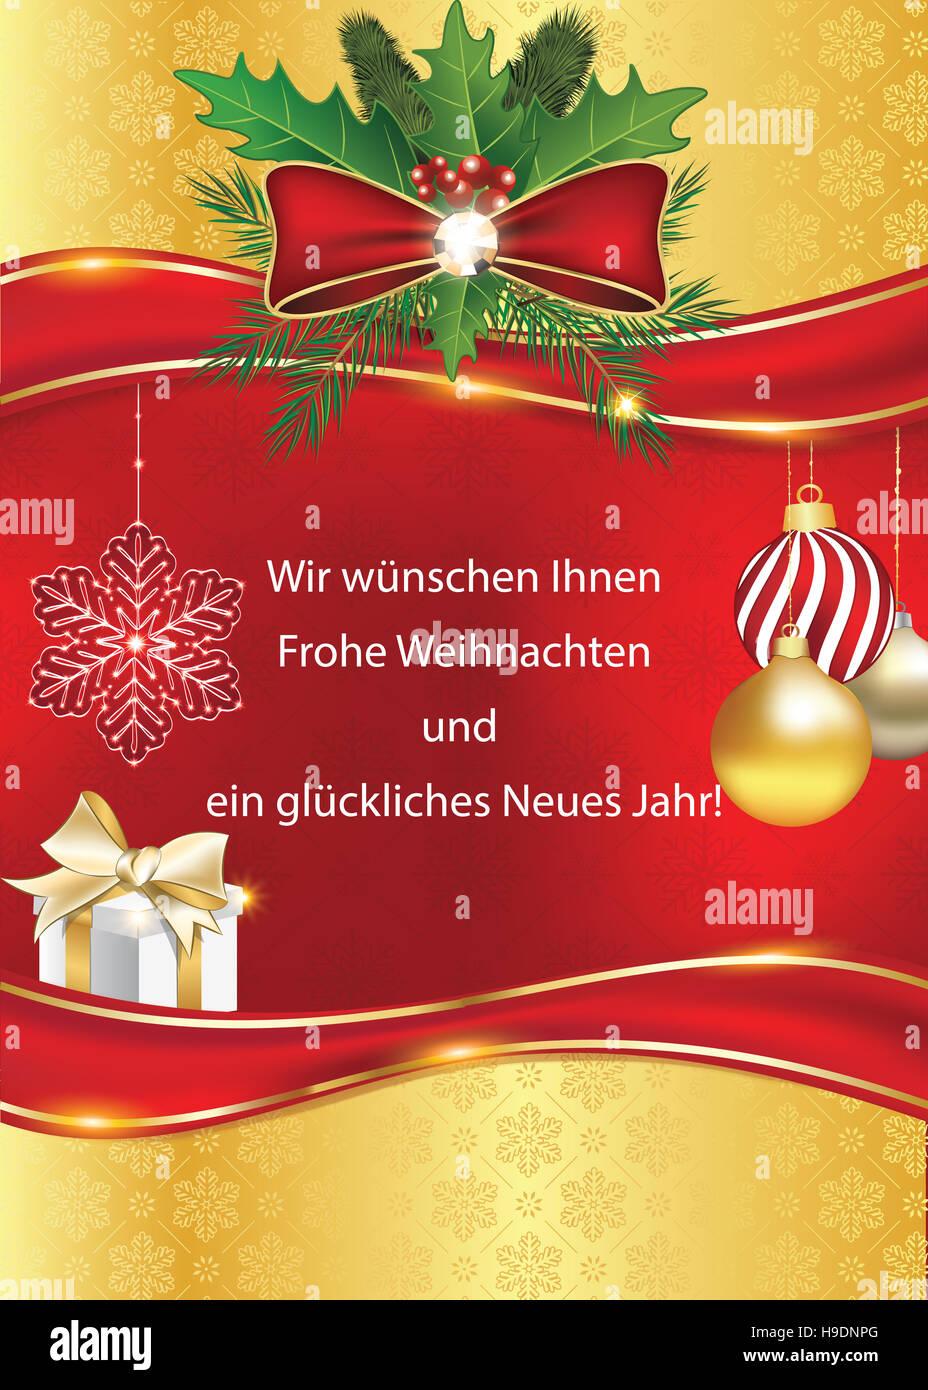 gesch ftliche weihnachtsgr e wir w nschen ihnen frohe weihnachten stock photo 126306952 alamy